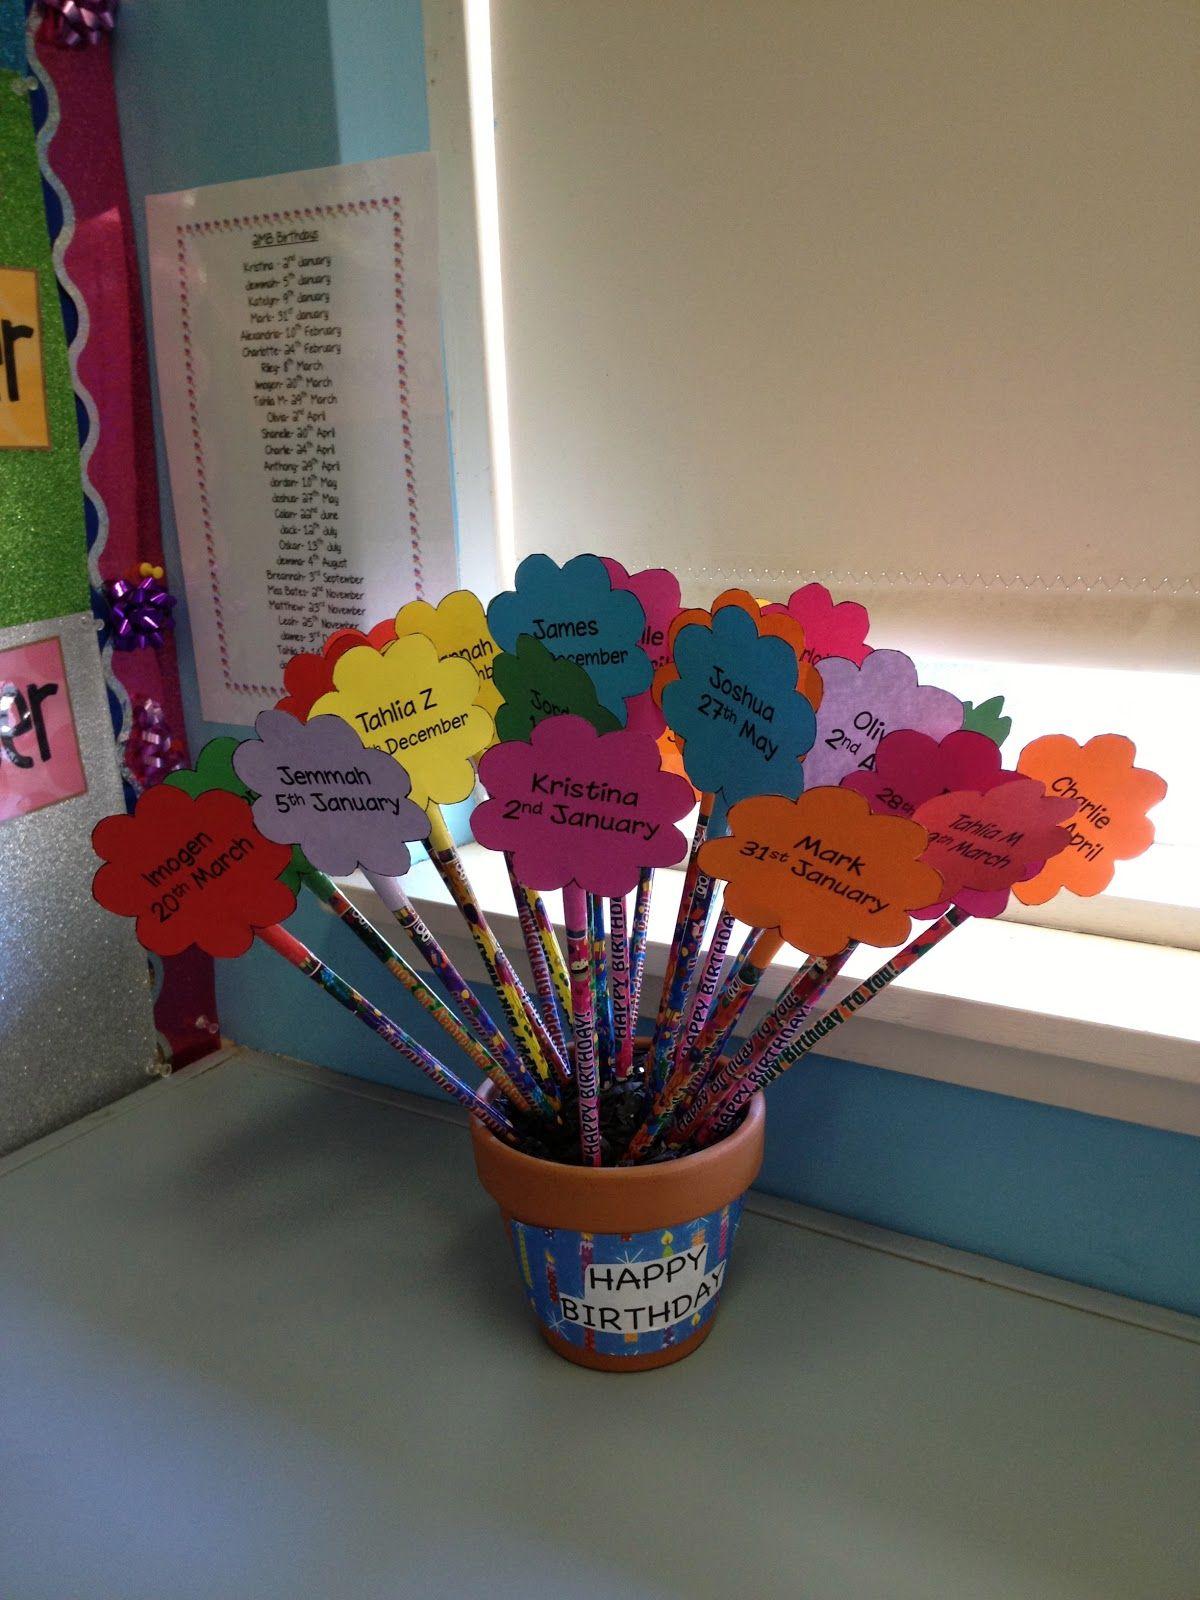 ANIVERSÁRIO: a prof pode dar os parabéns para os alunos com um lápis decorado!! Colocar um papel em forme de flor e colocá-los dentro de um vaso de flores!! ótima ideia!